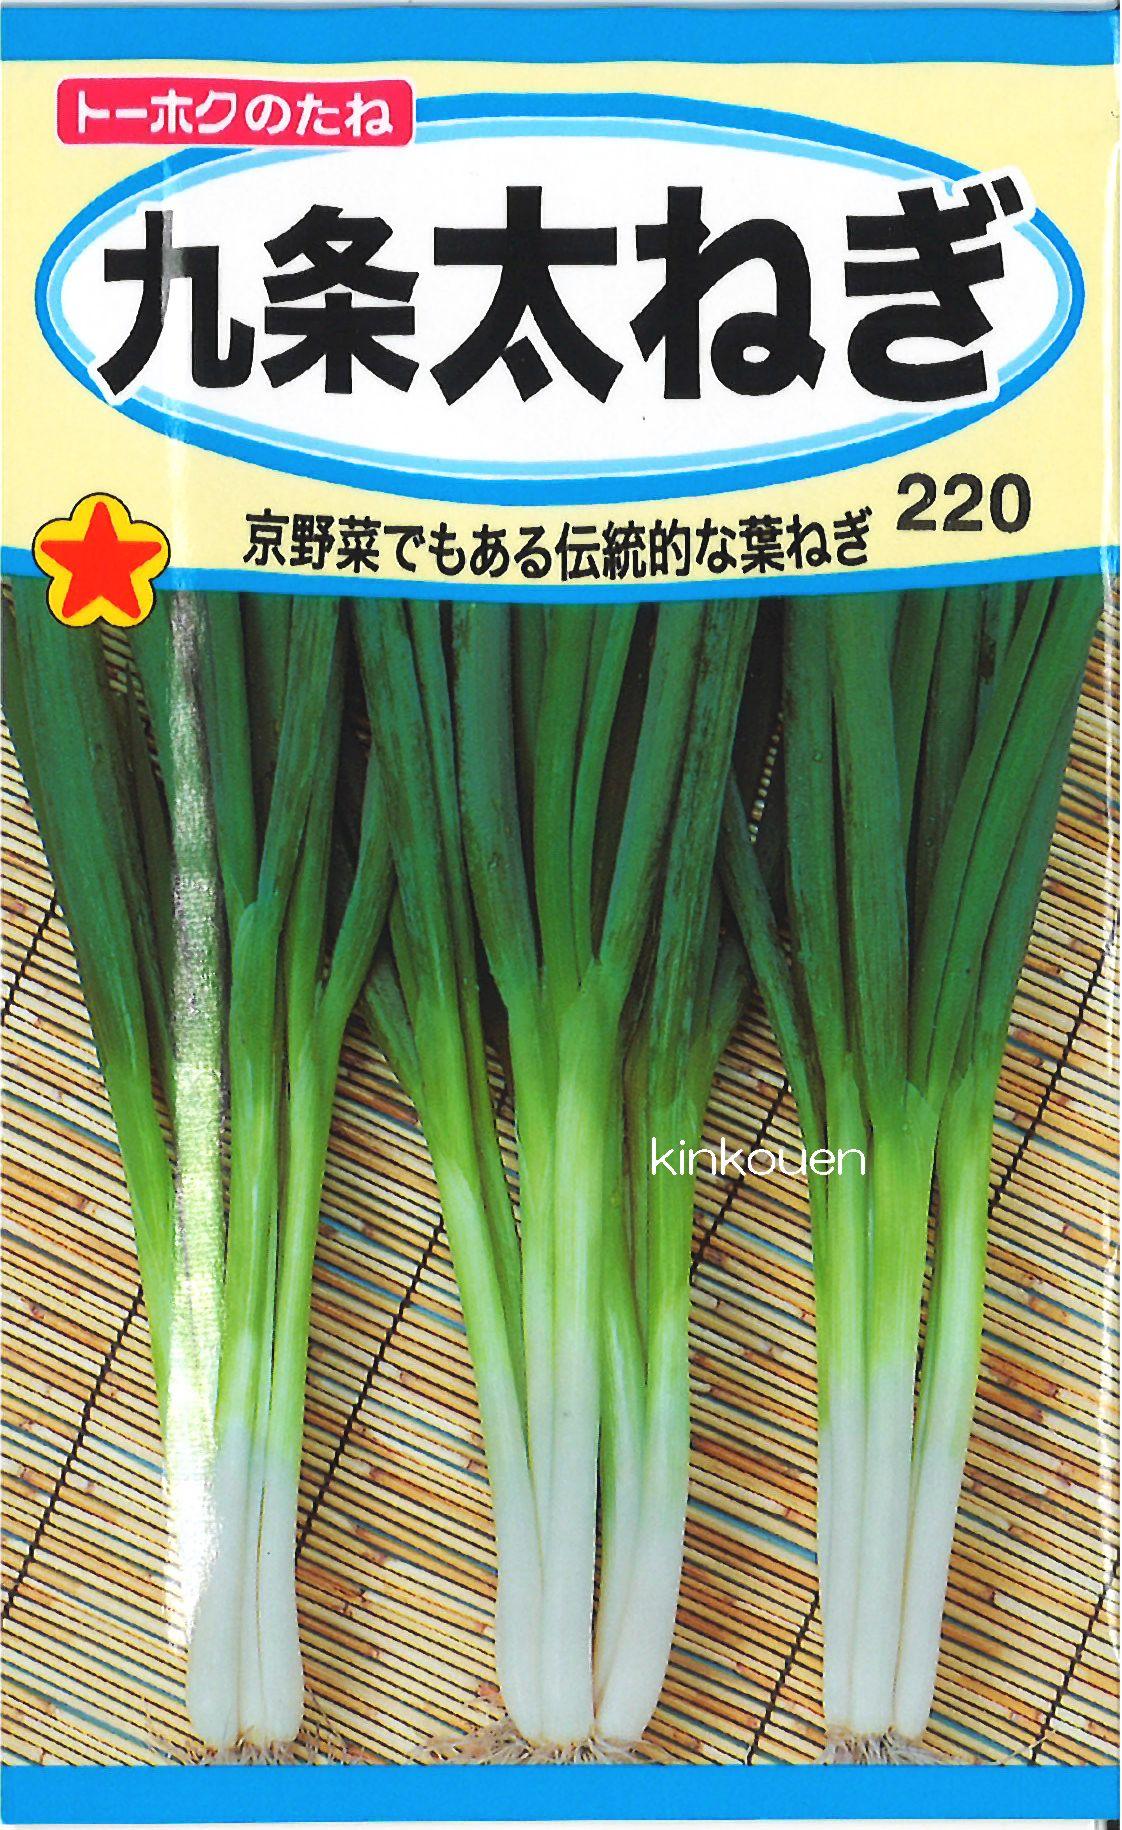 【代引不可】【5袋まで送料80円】□九条太ねぎ